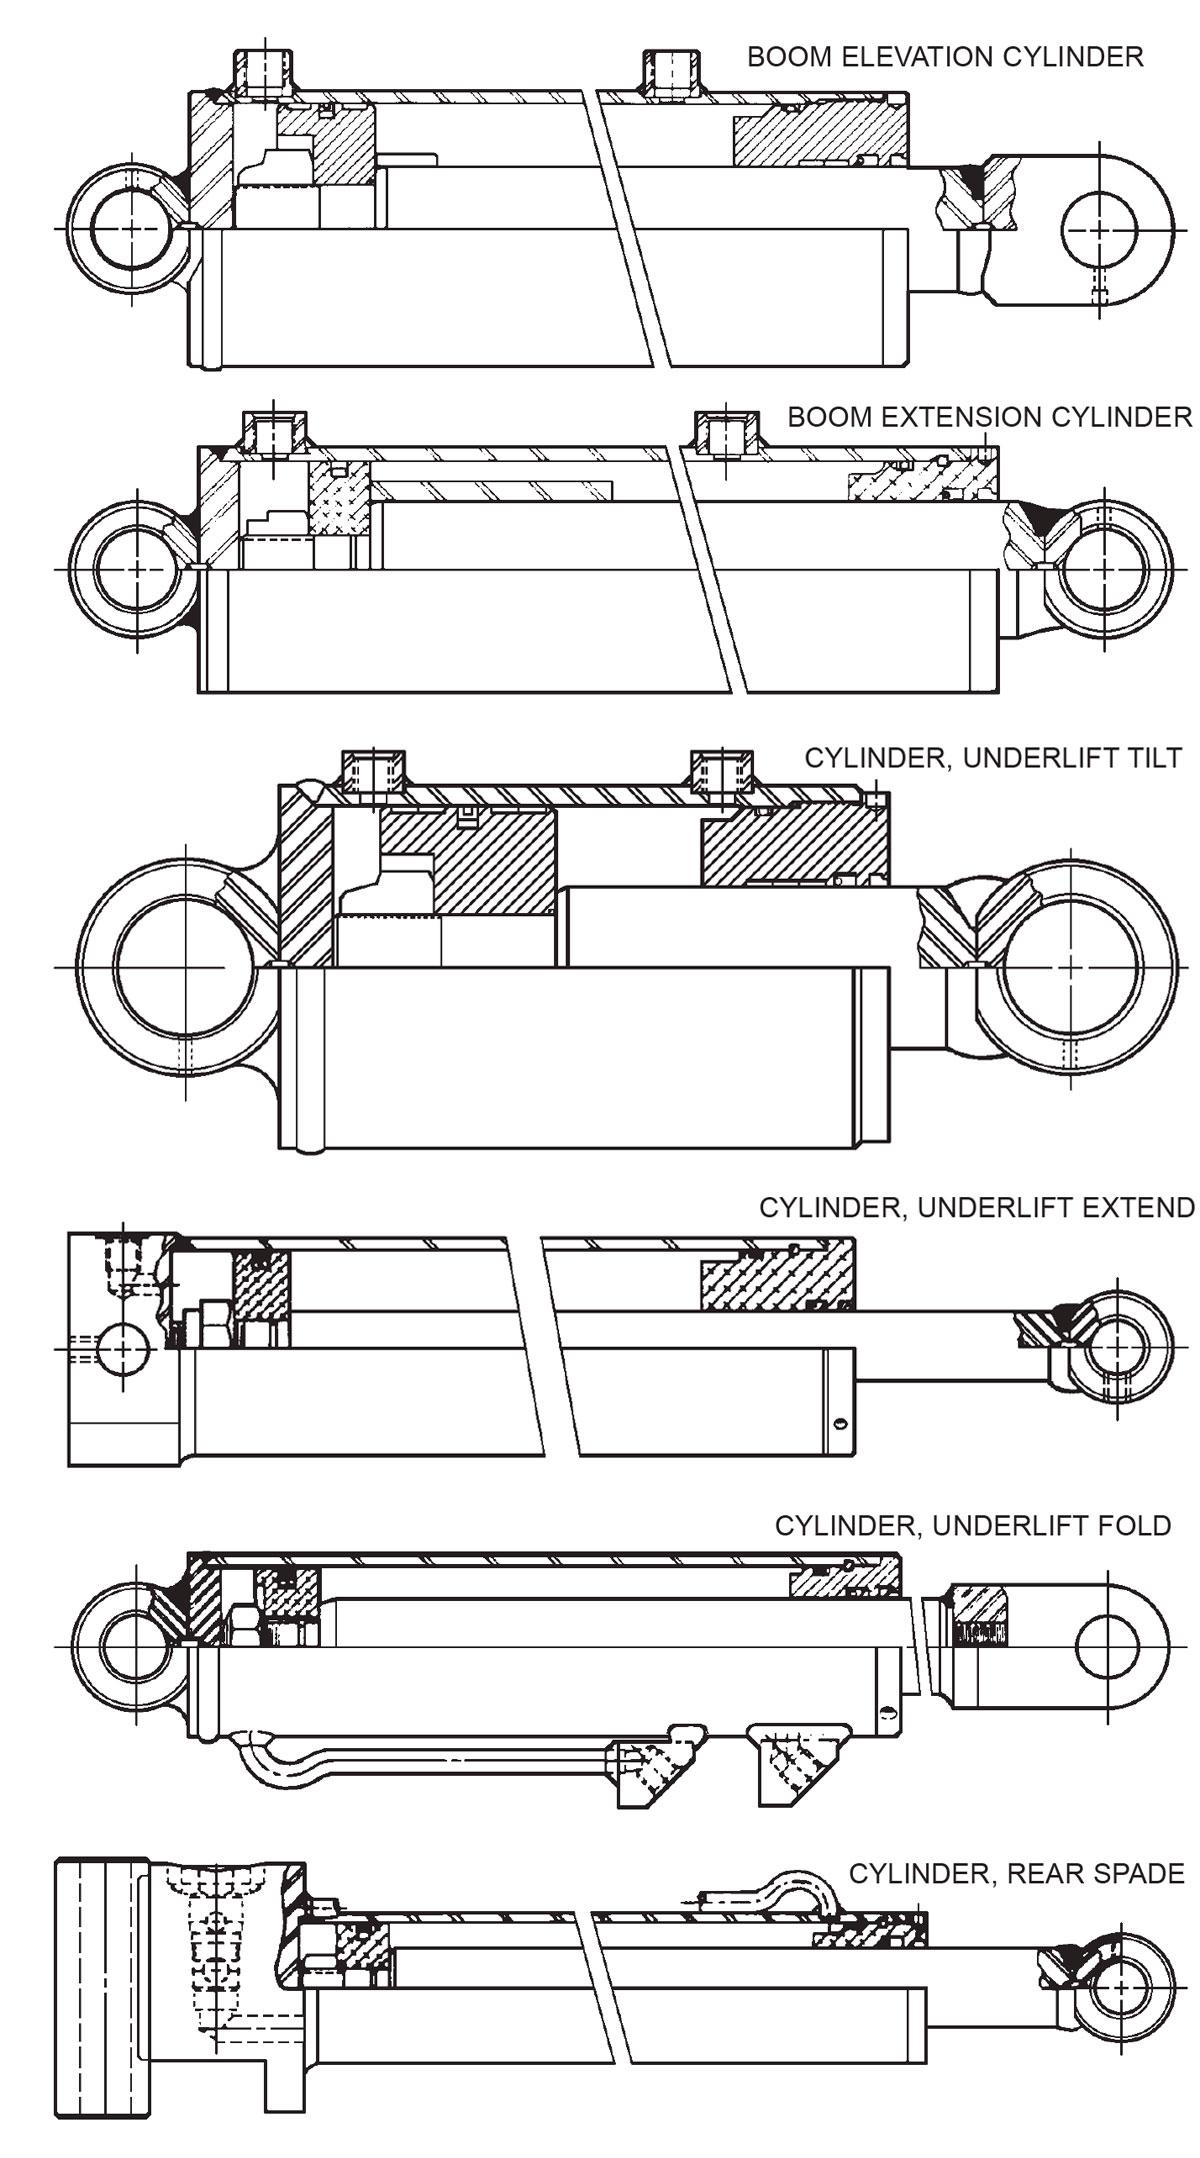 Hydraulic Cylinder Circuit Diagram   Hydraulic Cylinder Schematic Data Wiring Diagram